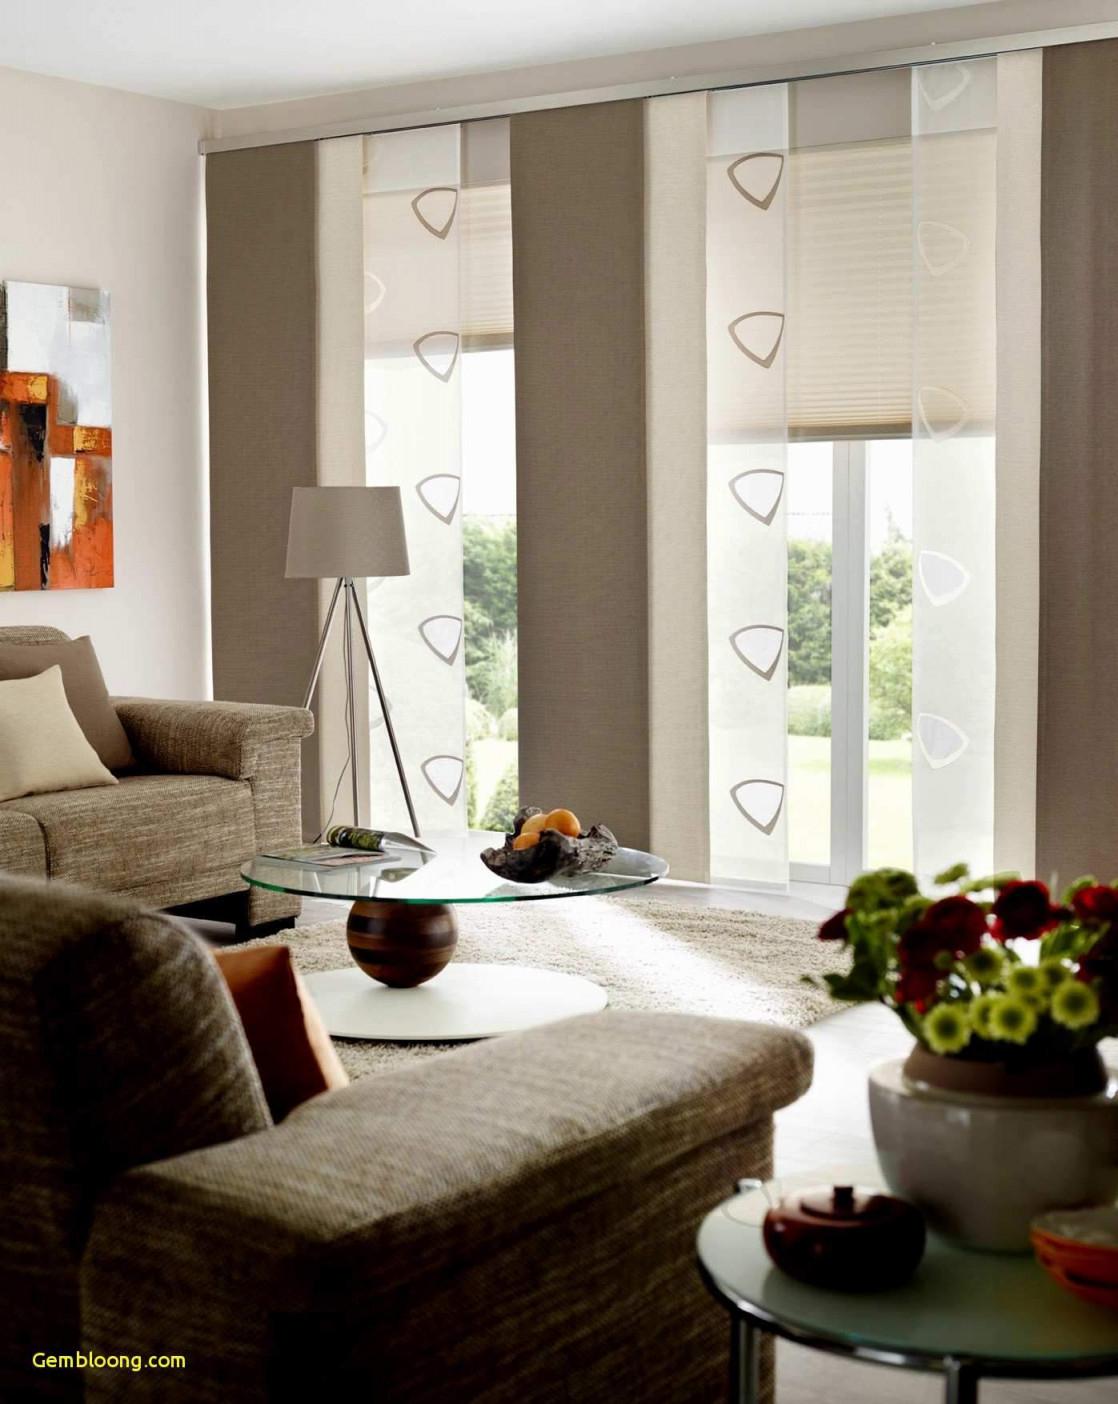 30 Neu Gardinen Ideen Wohnzimmer Elegant  Wohnzimmer Frisch von Gardinen Stores Für Wohnzimmer Bild